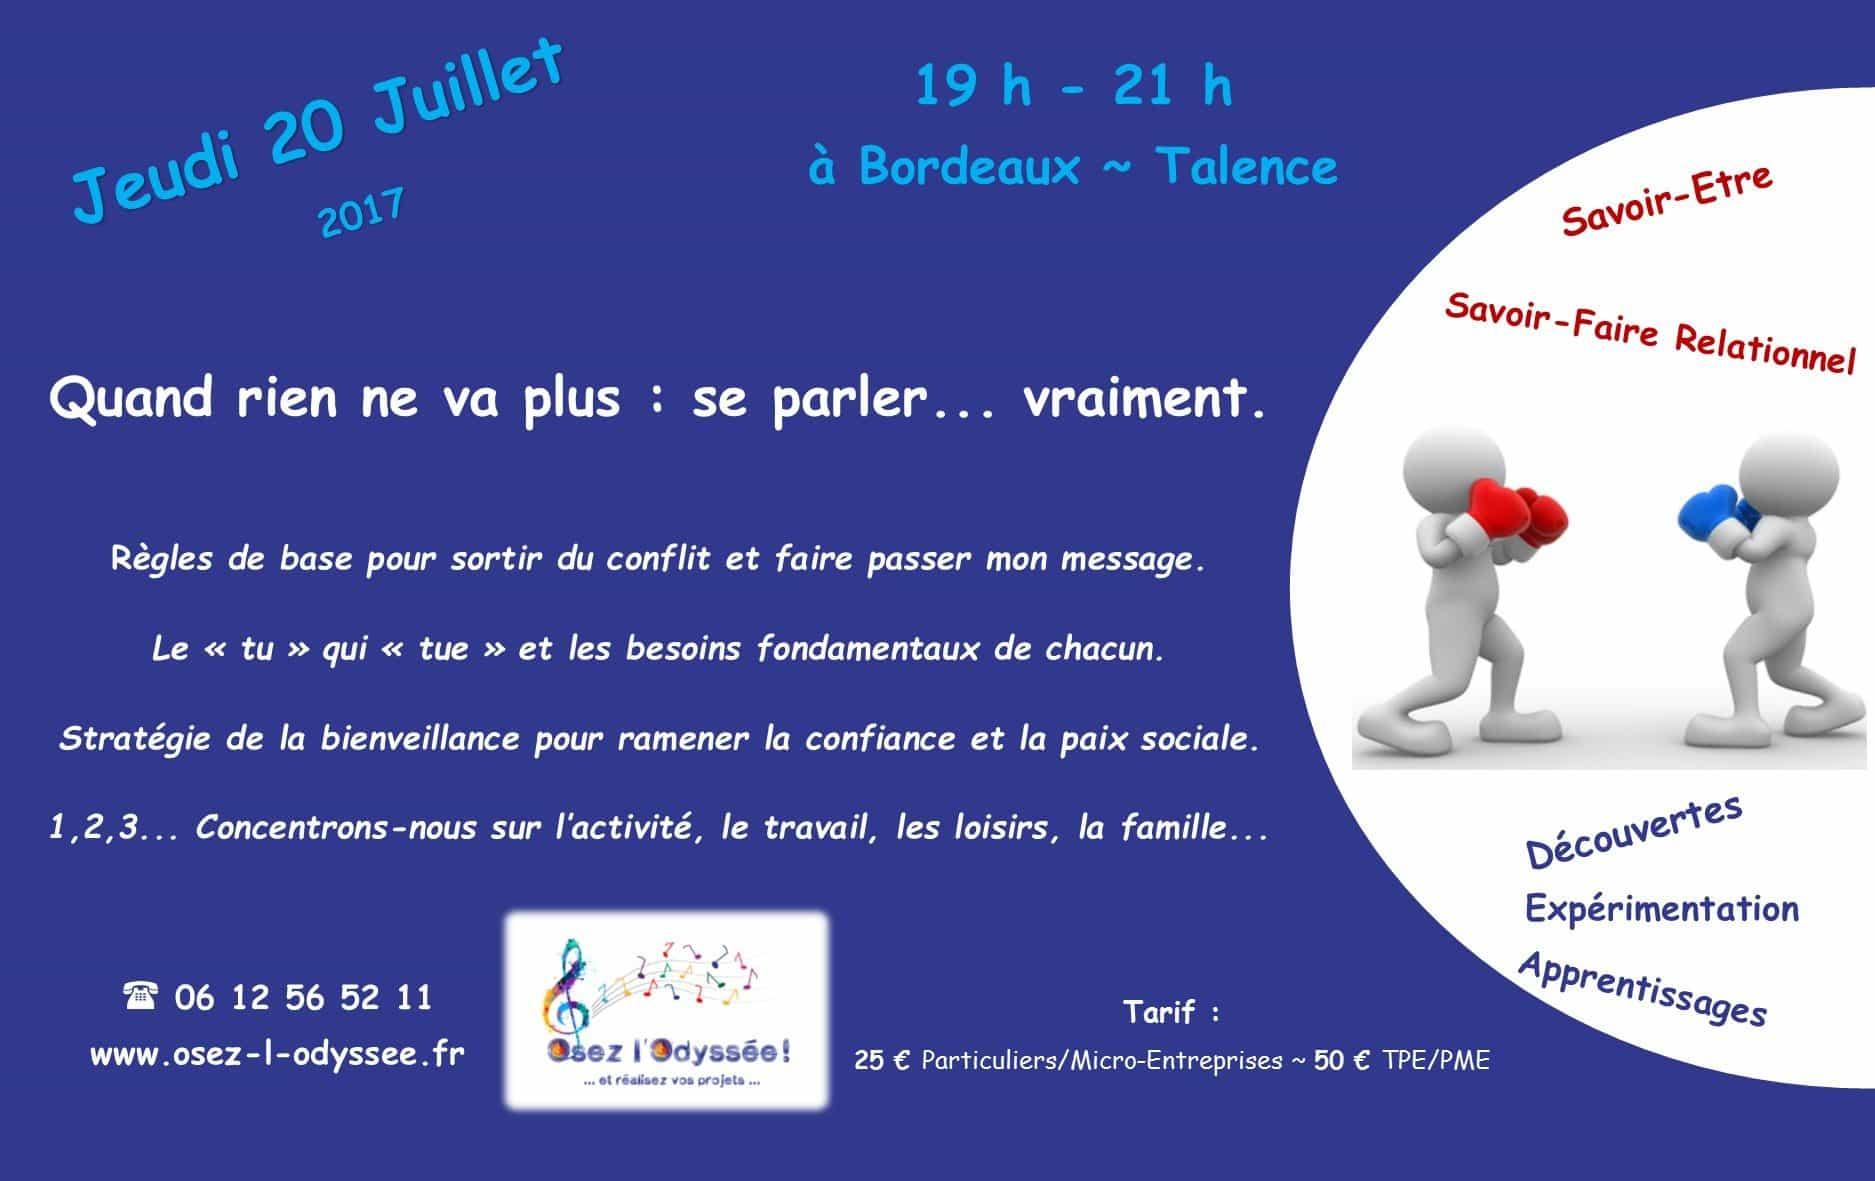 Atelier Coaching à Bordeaux 2017 Conflits Osez l'Odyssee